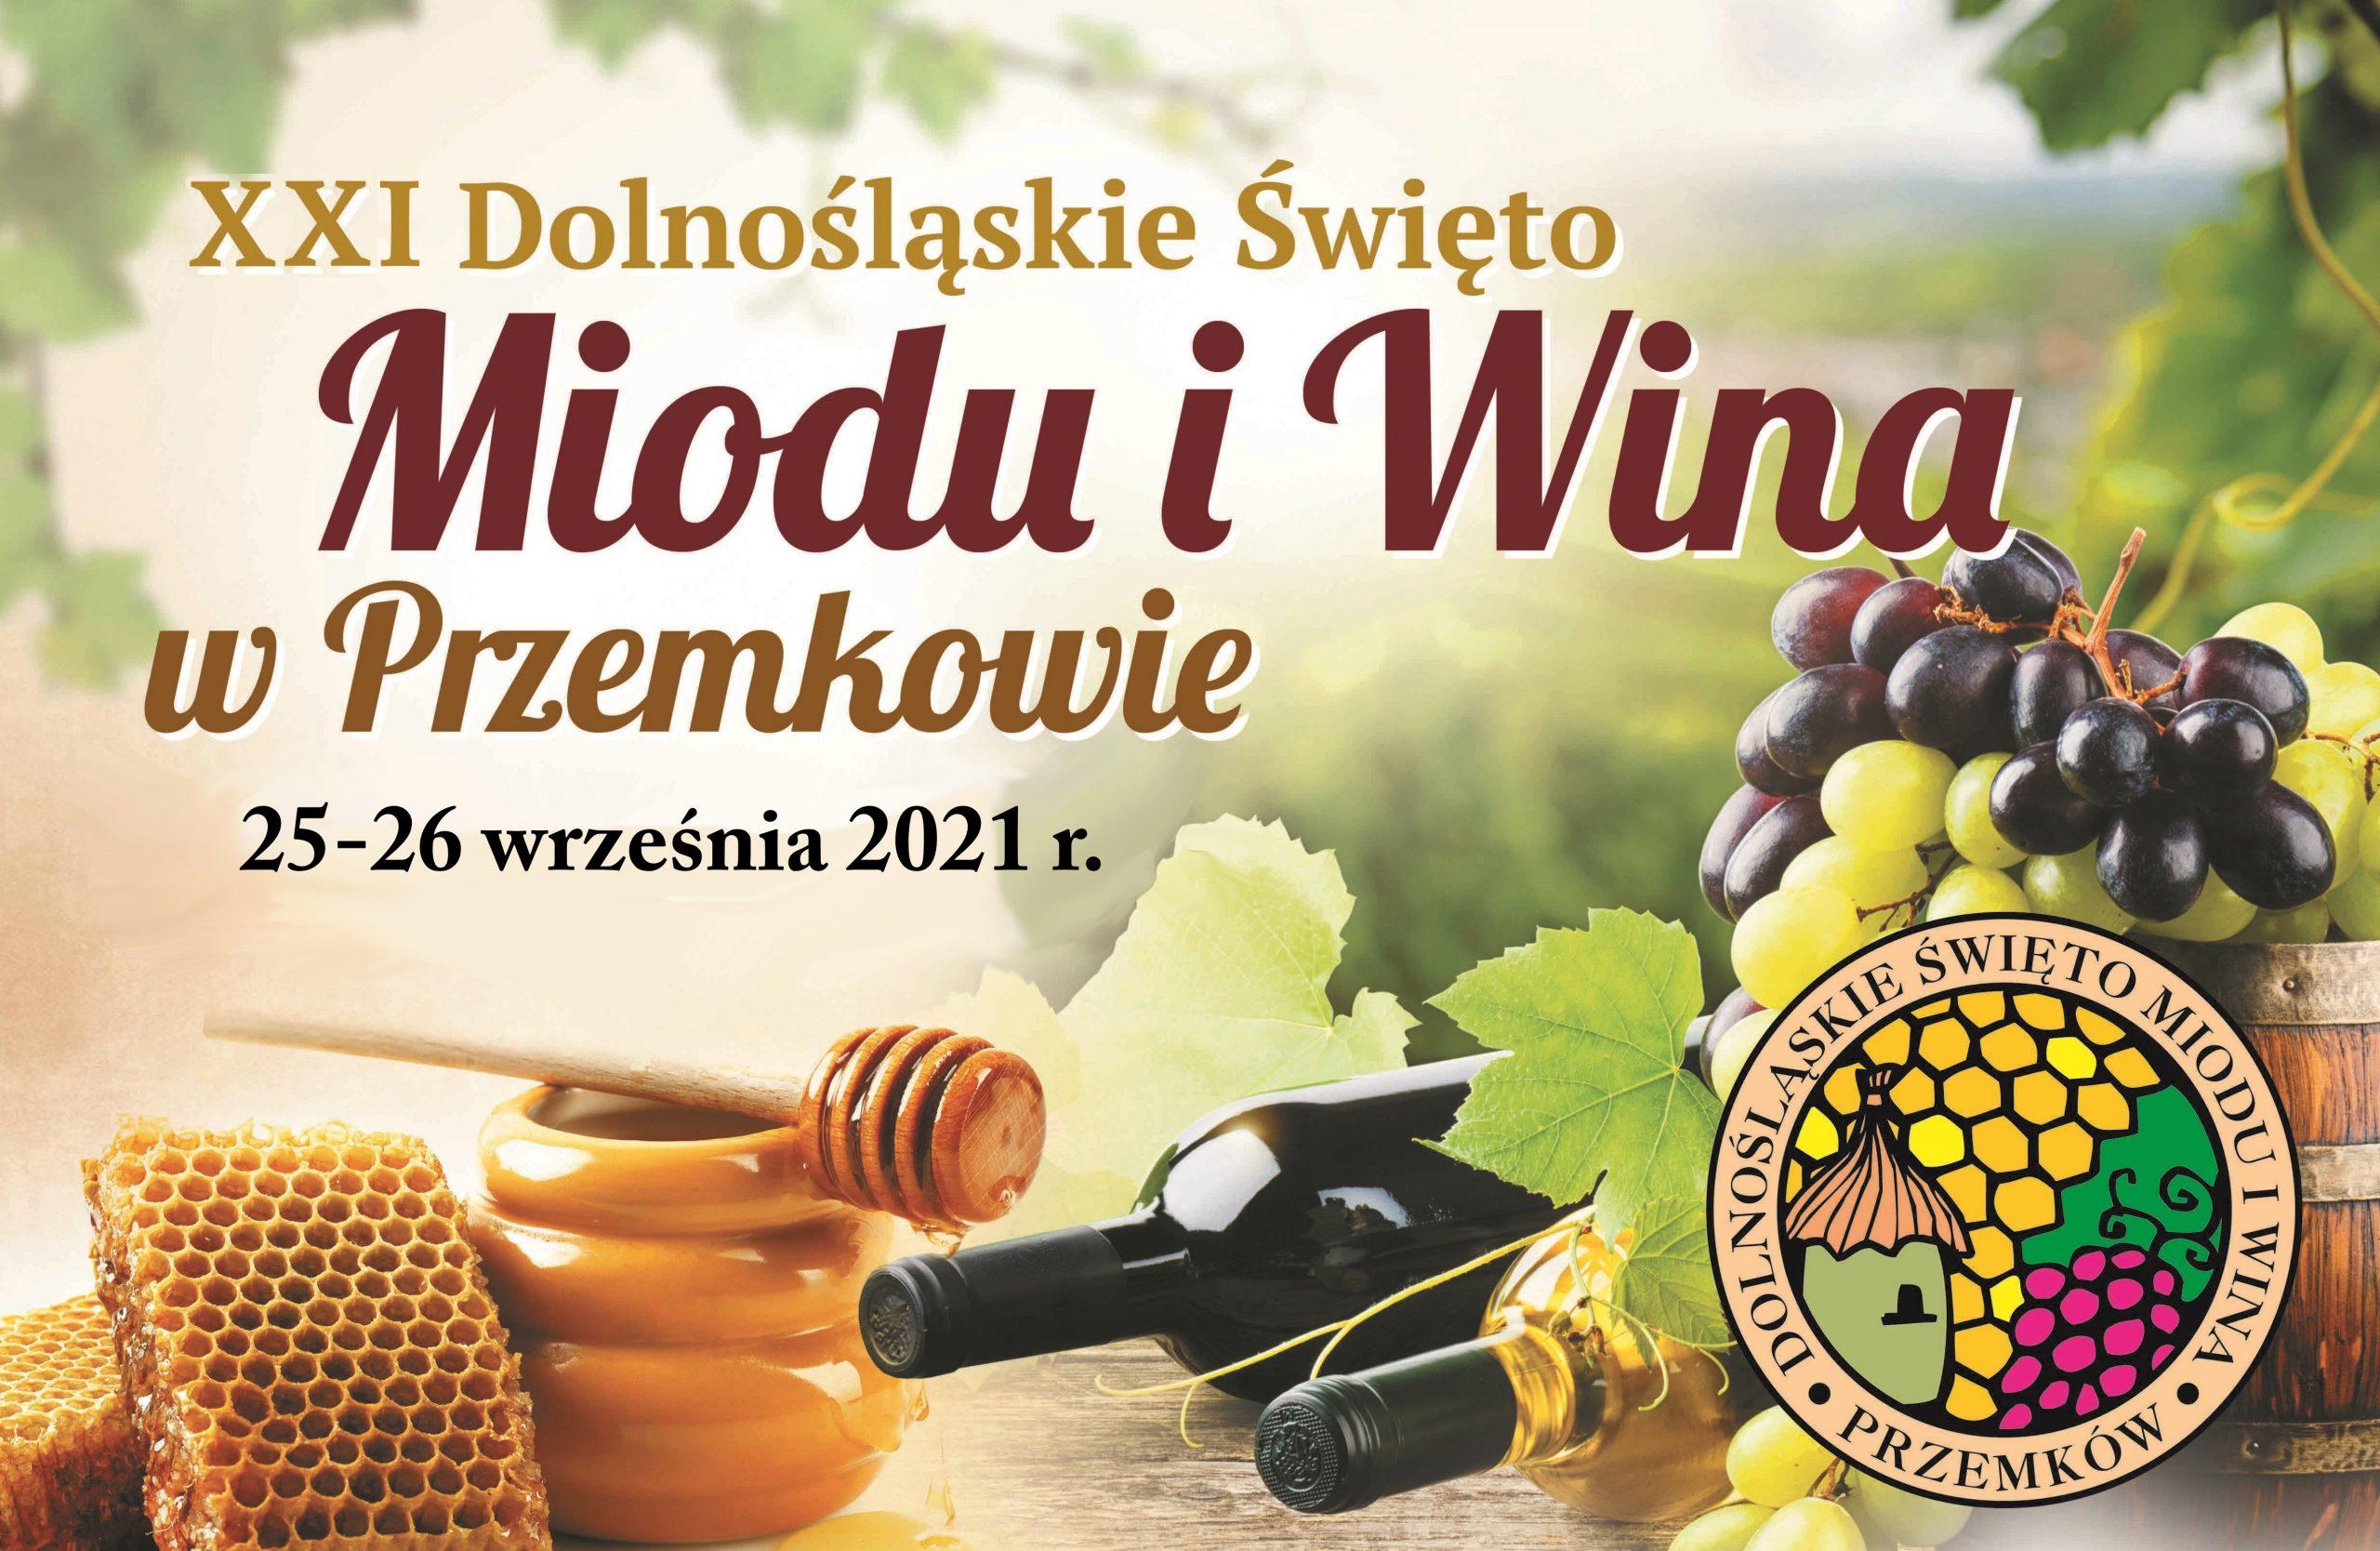 XXI Dolnośląskie Święto Miodu i Wina